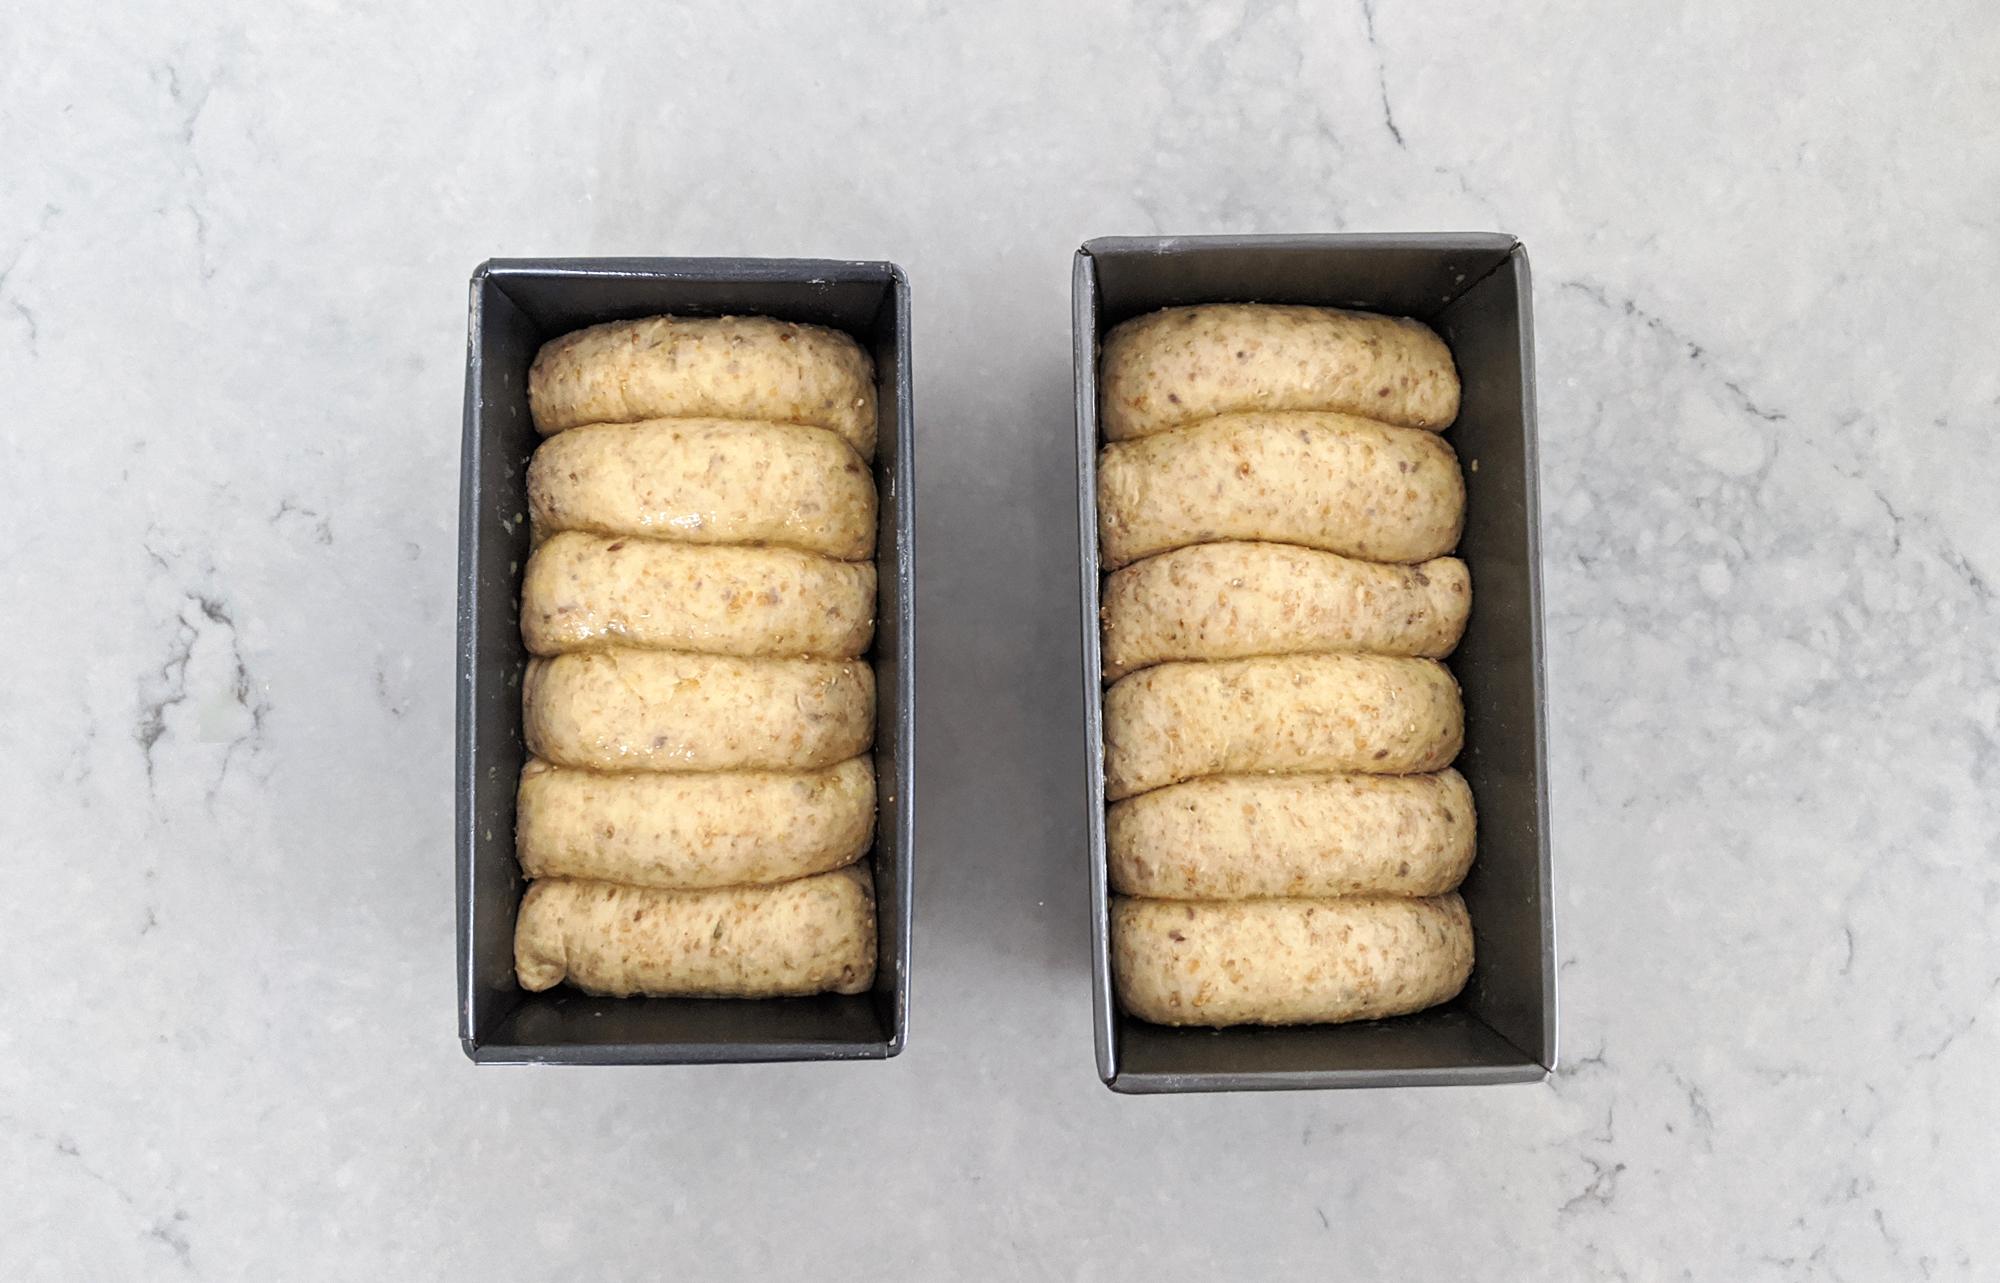 Hokkaido milk bread ready to bake